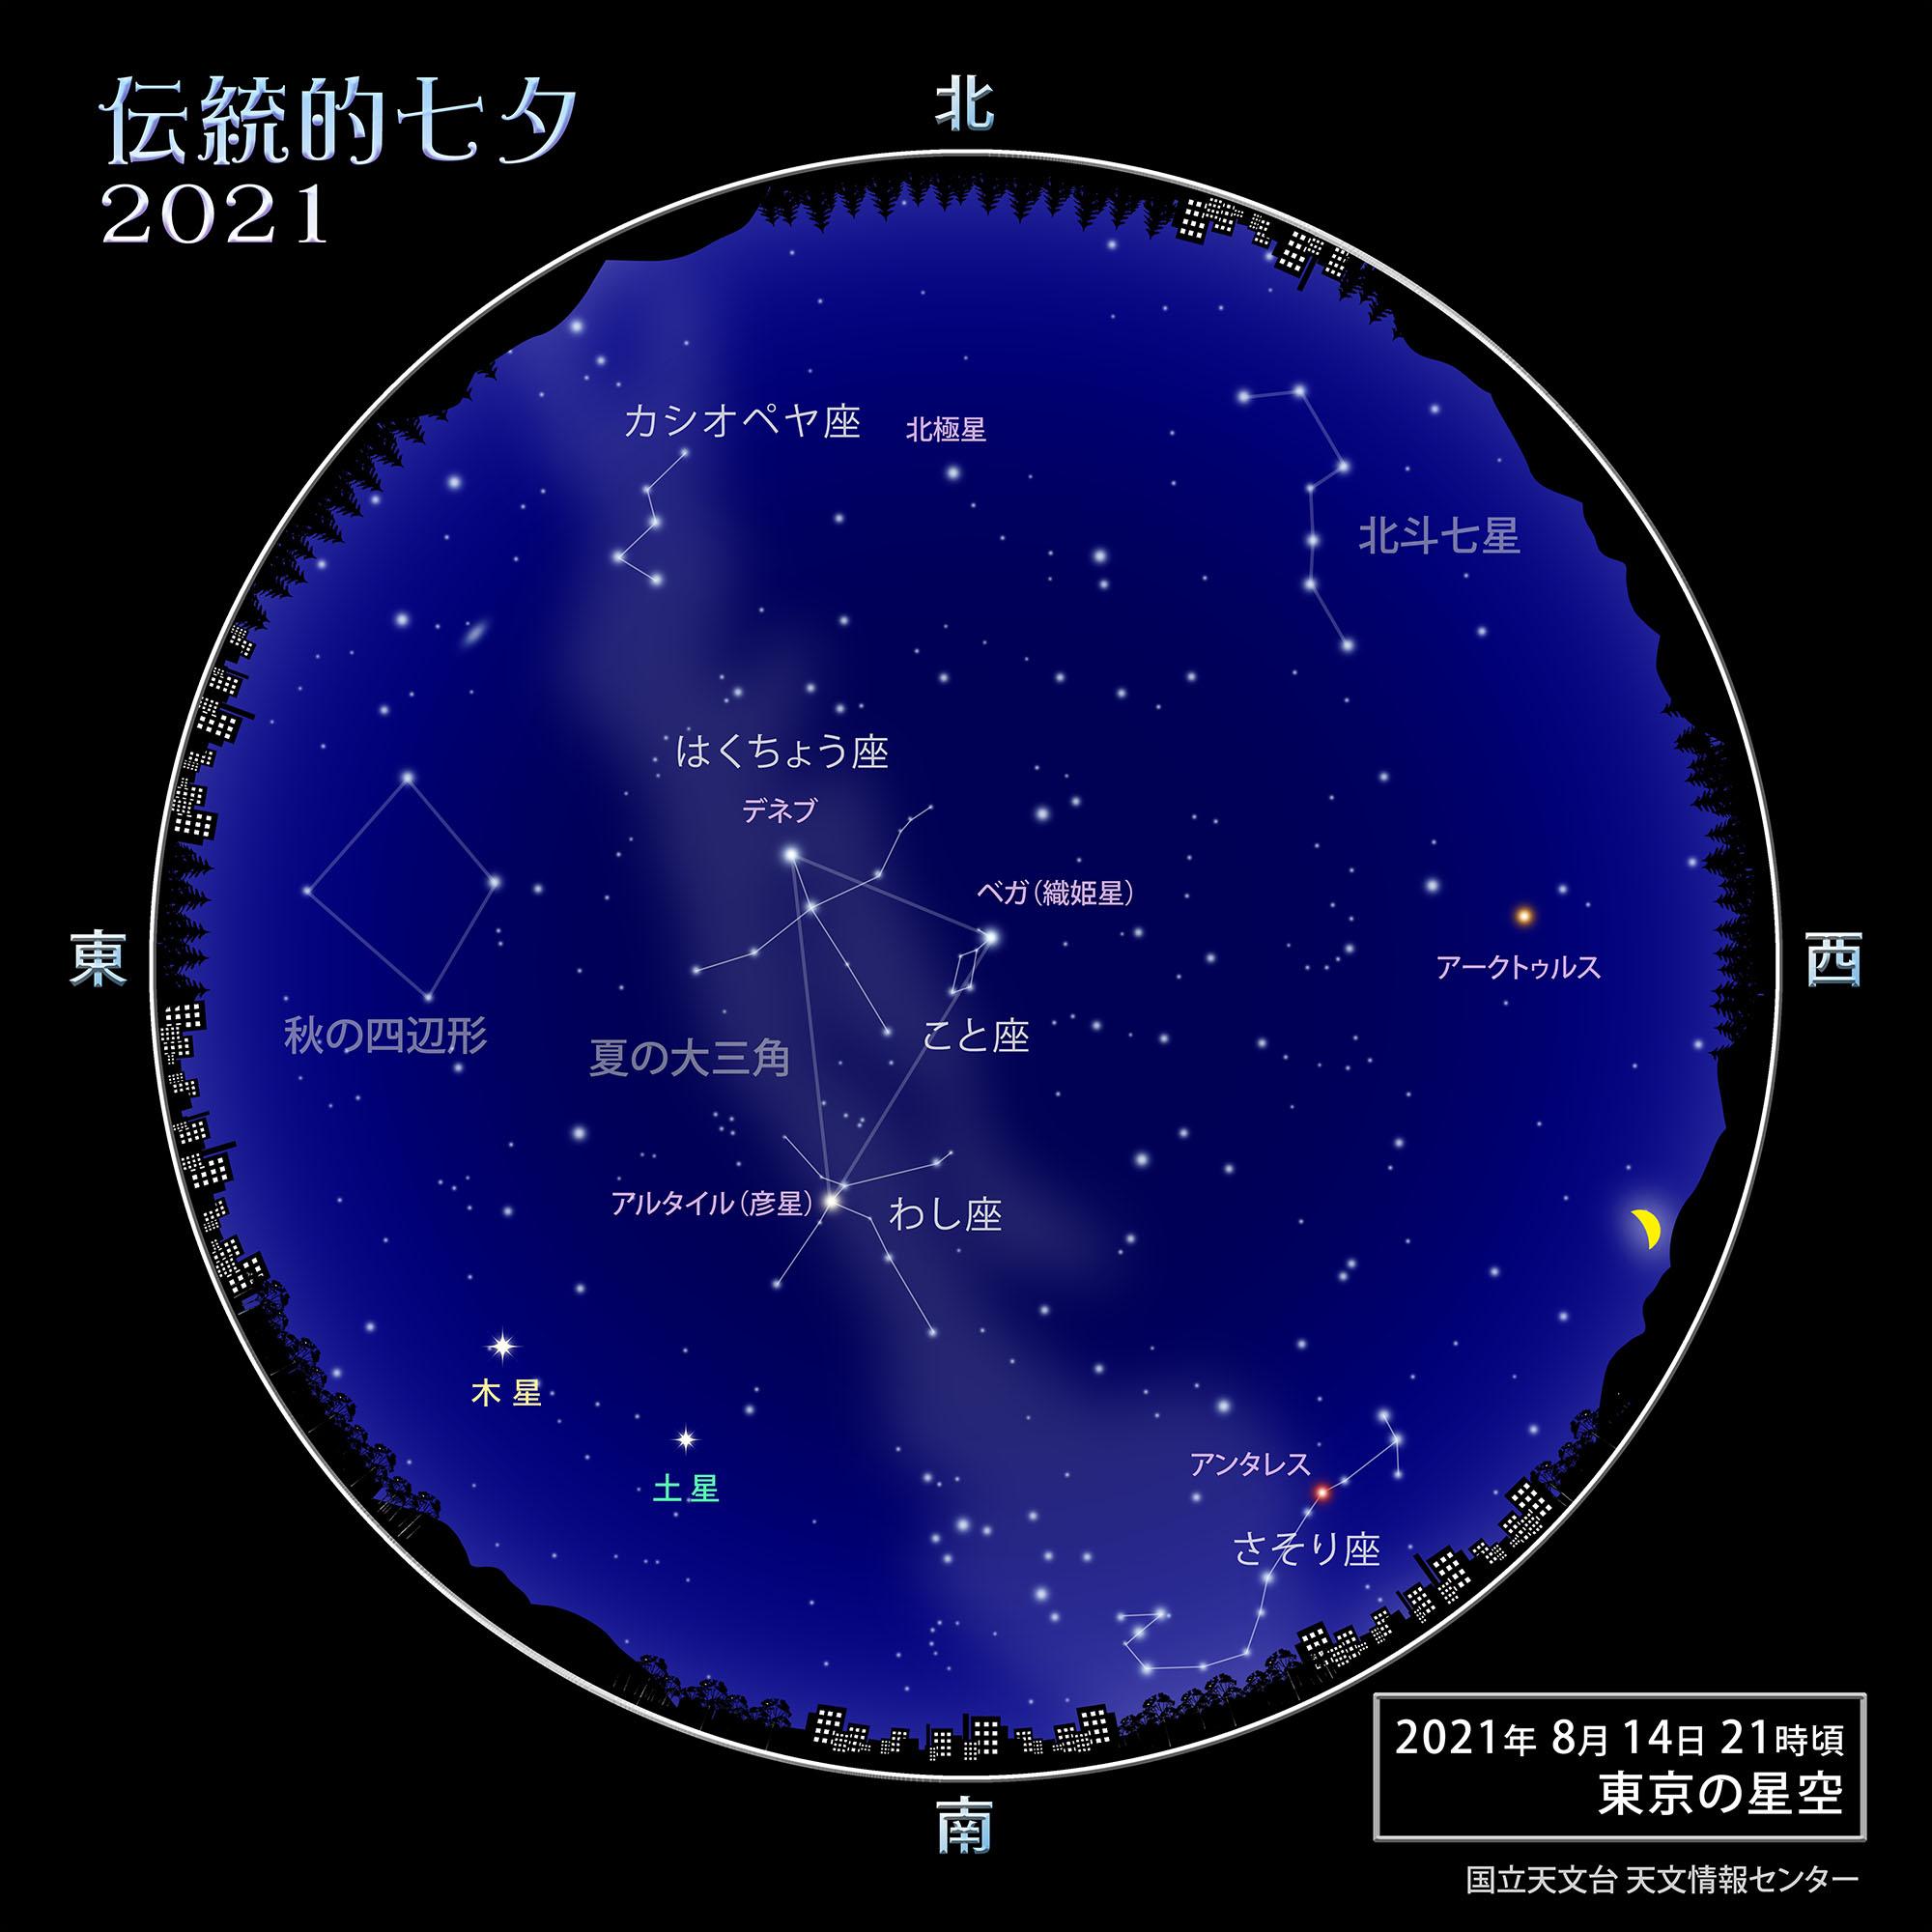 スター・ウィーク、伝統的七夕(2021年8月) | 国立天文台(NAOJ)